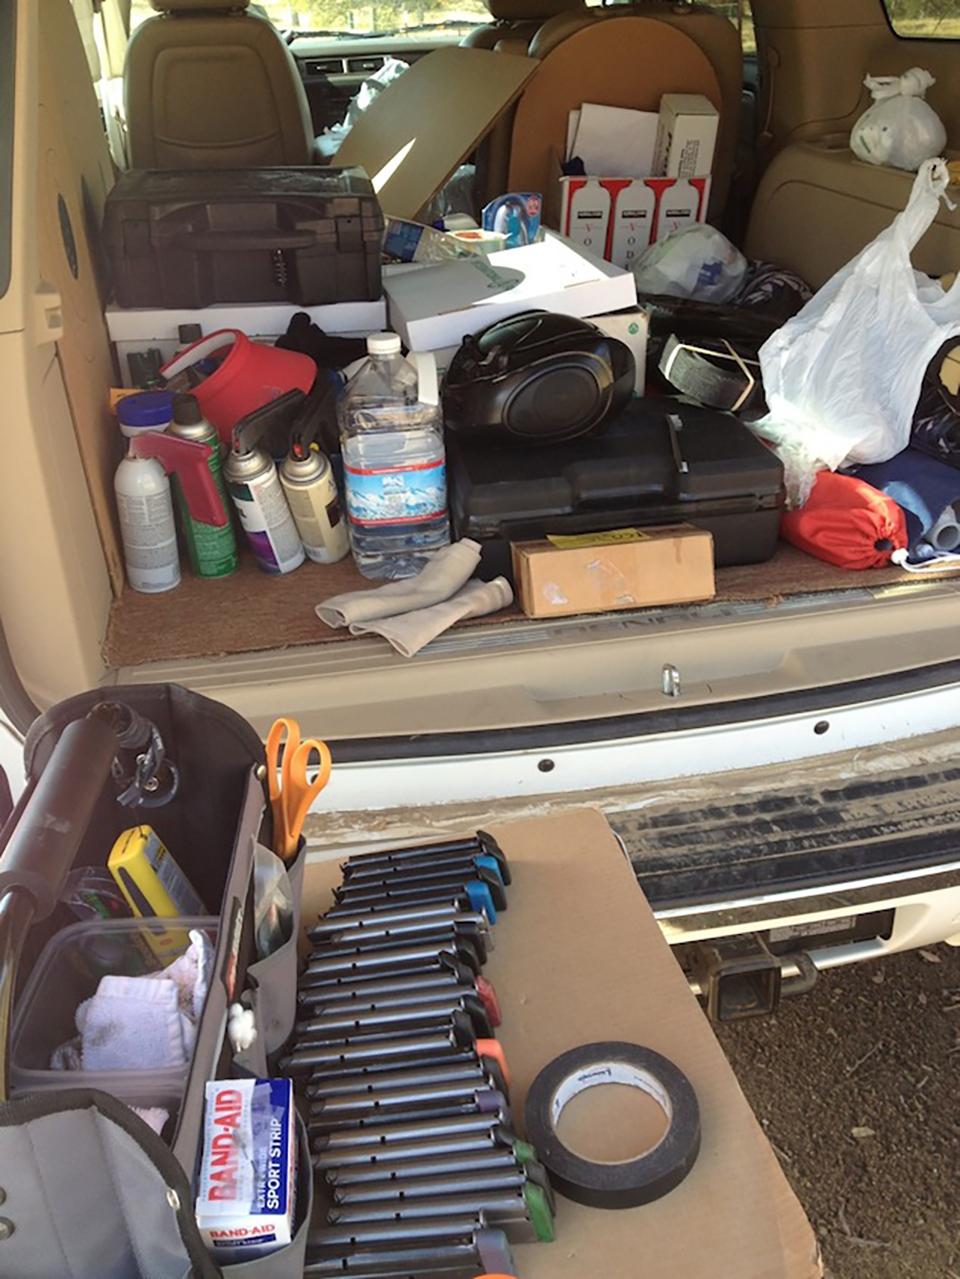 Vera Koo's shooting gear in car